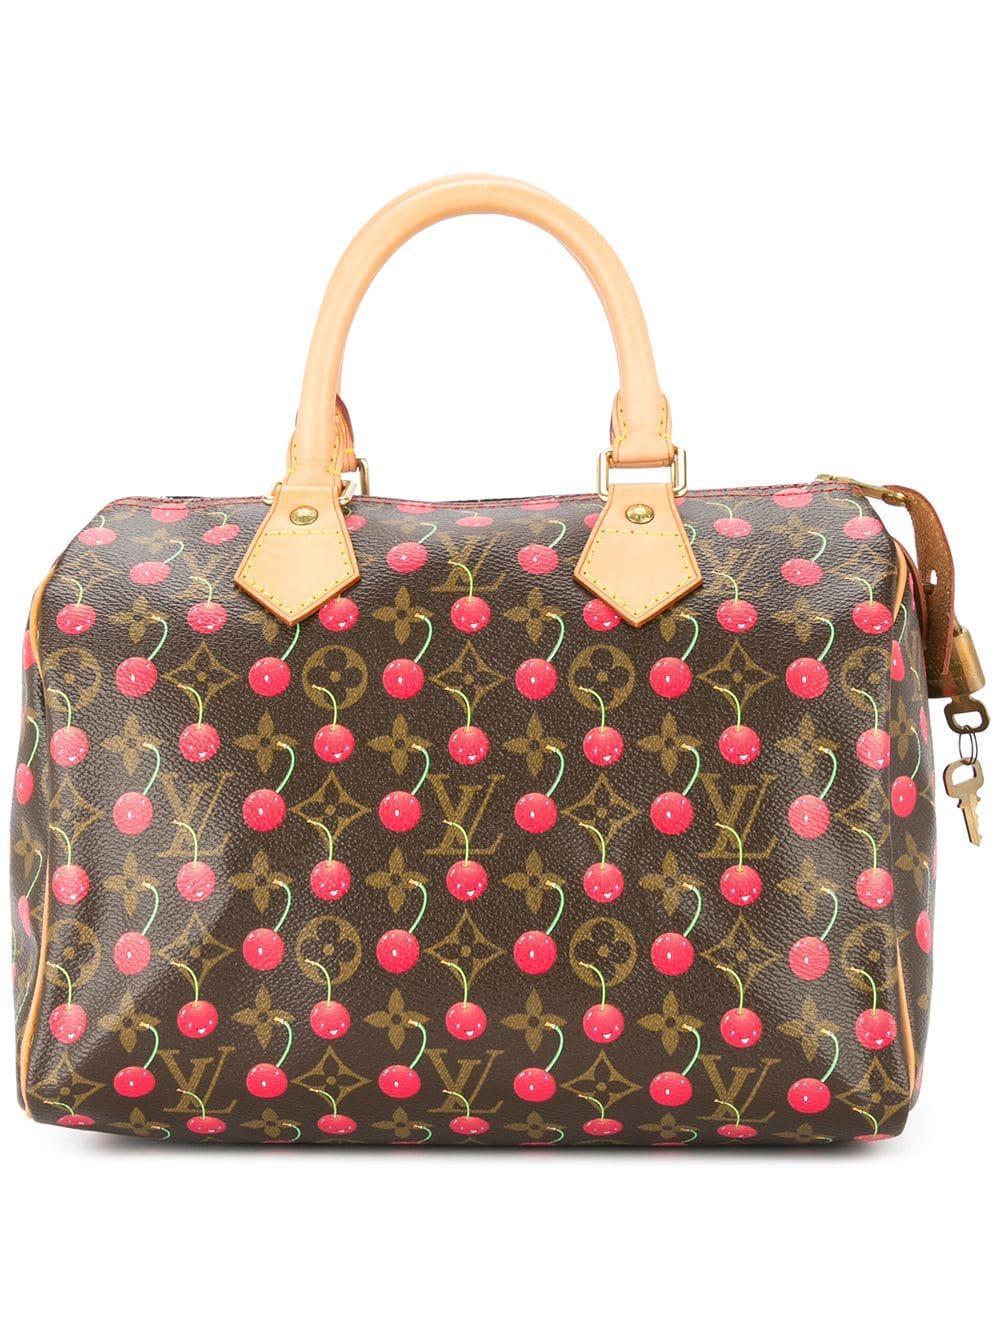 f090c793f17 Louis Vuitton Speedy 25 Cherry Monogram Handbag In Brown